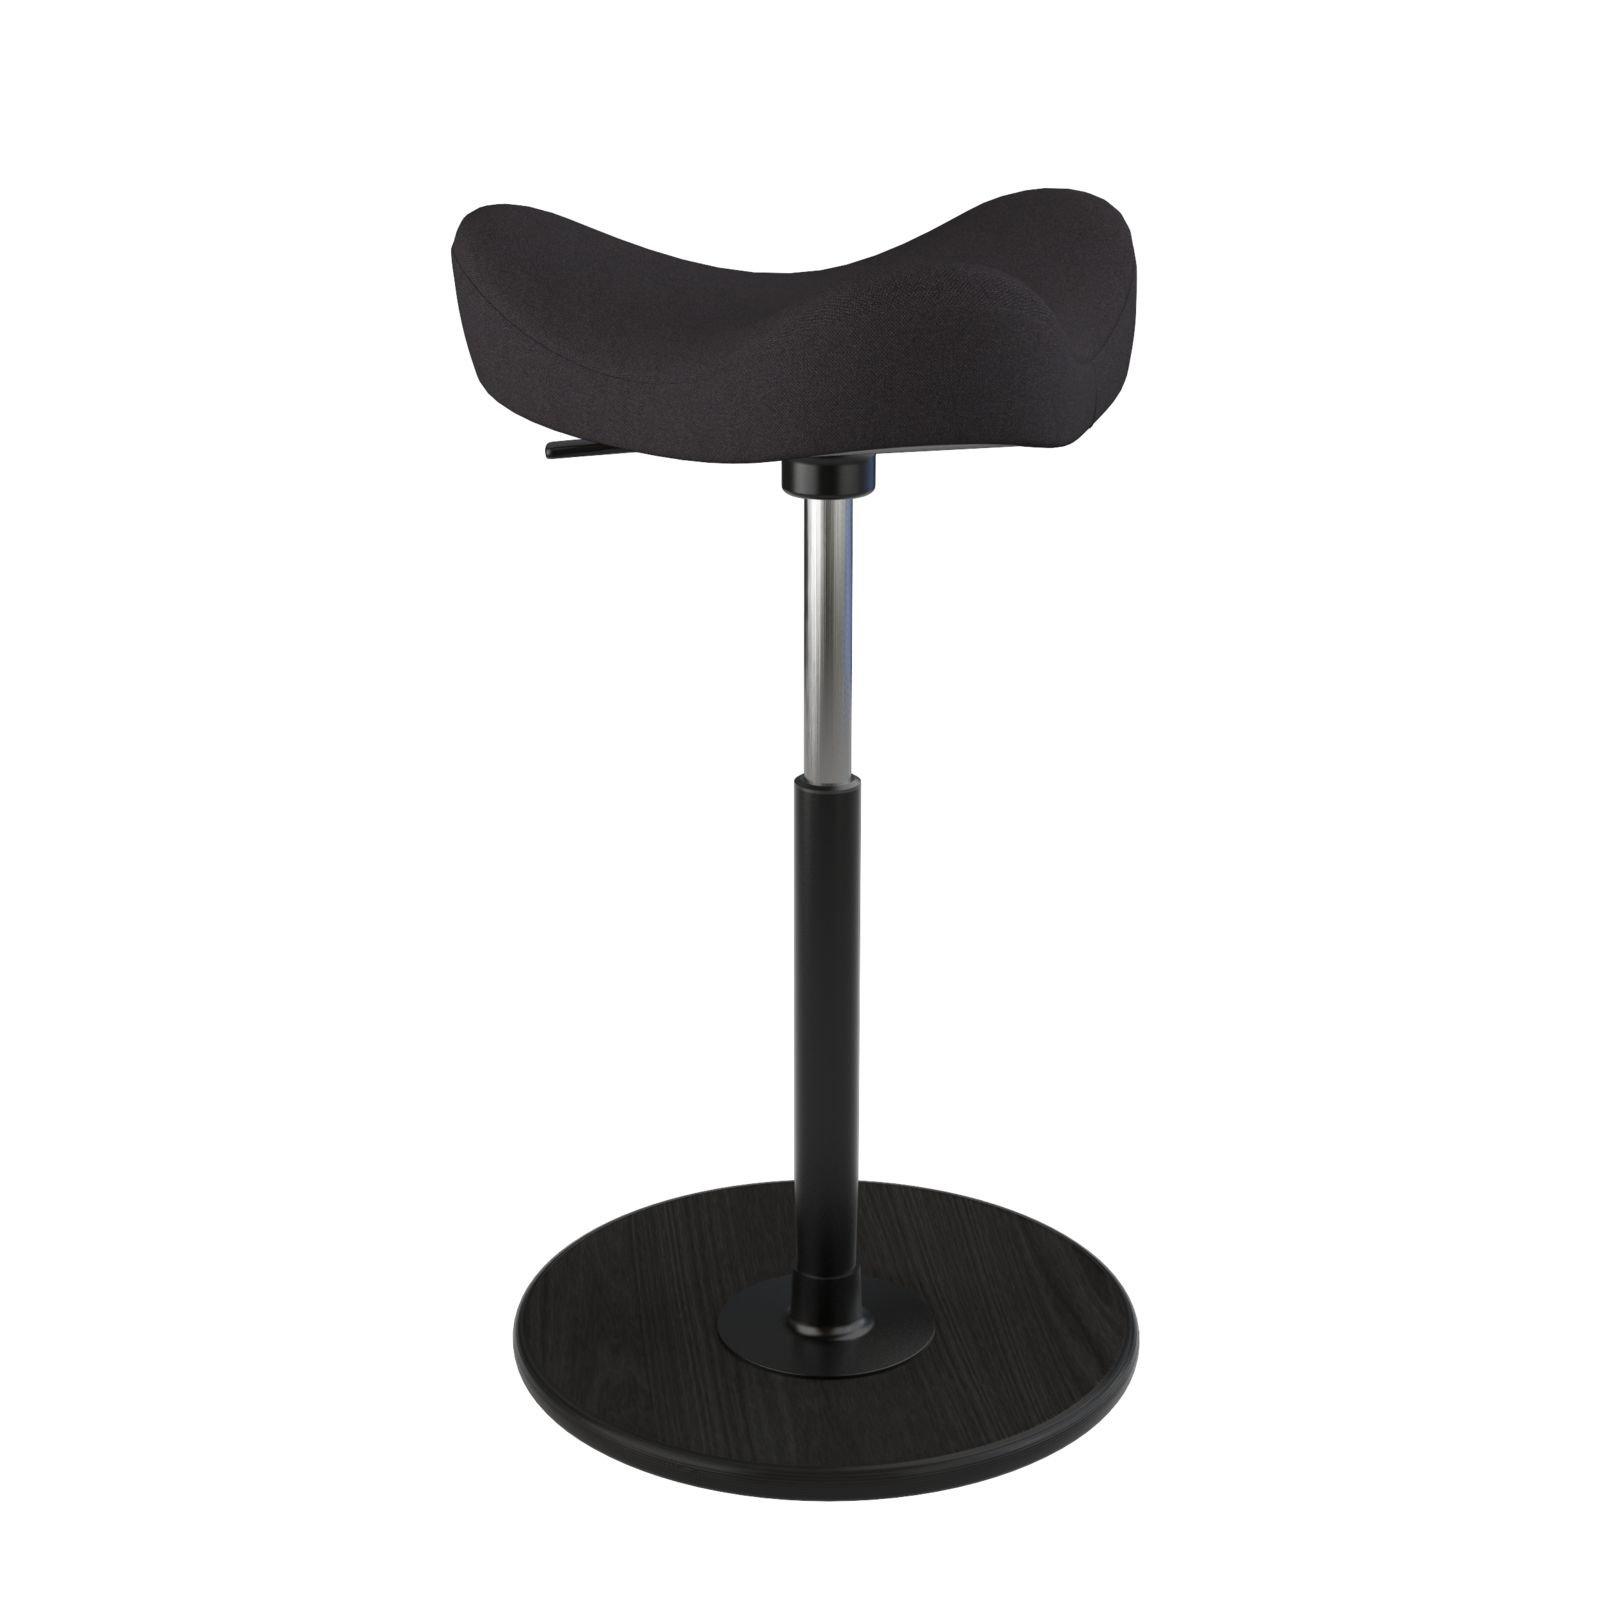 Varier Move Tilting Saddle Stool (Black Revive Fabric with Black Ash Base) by Varier